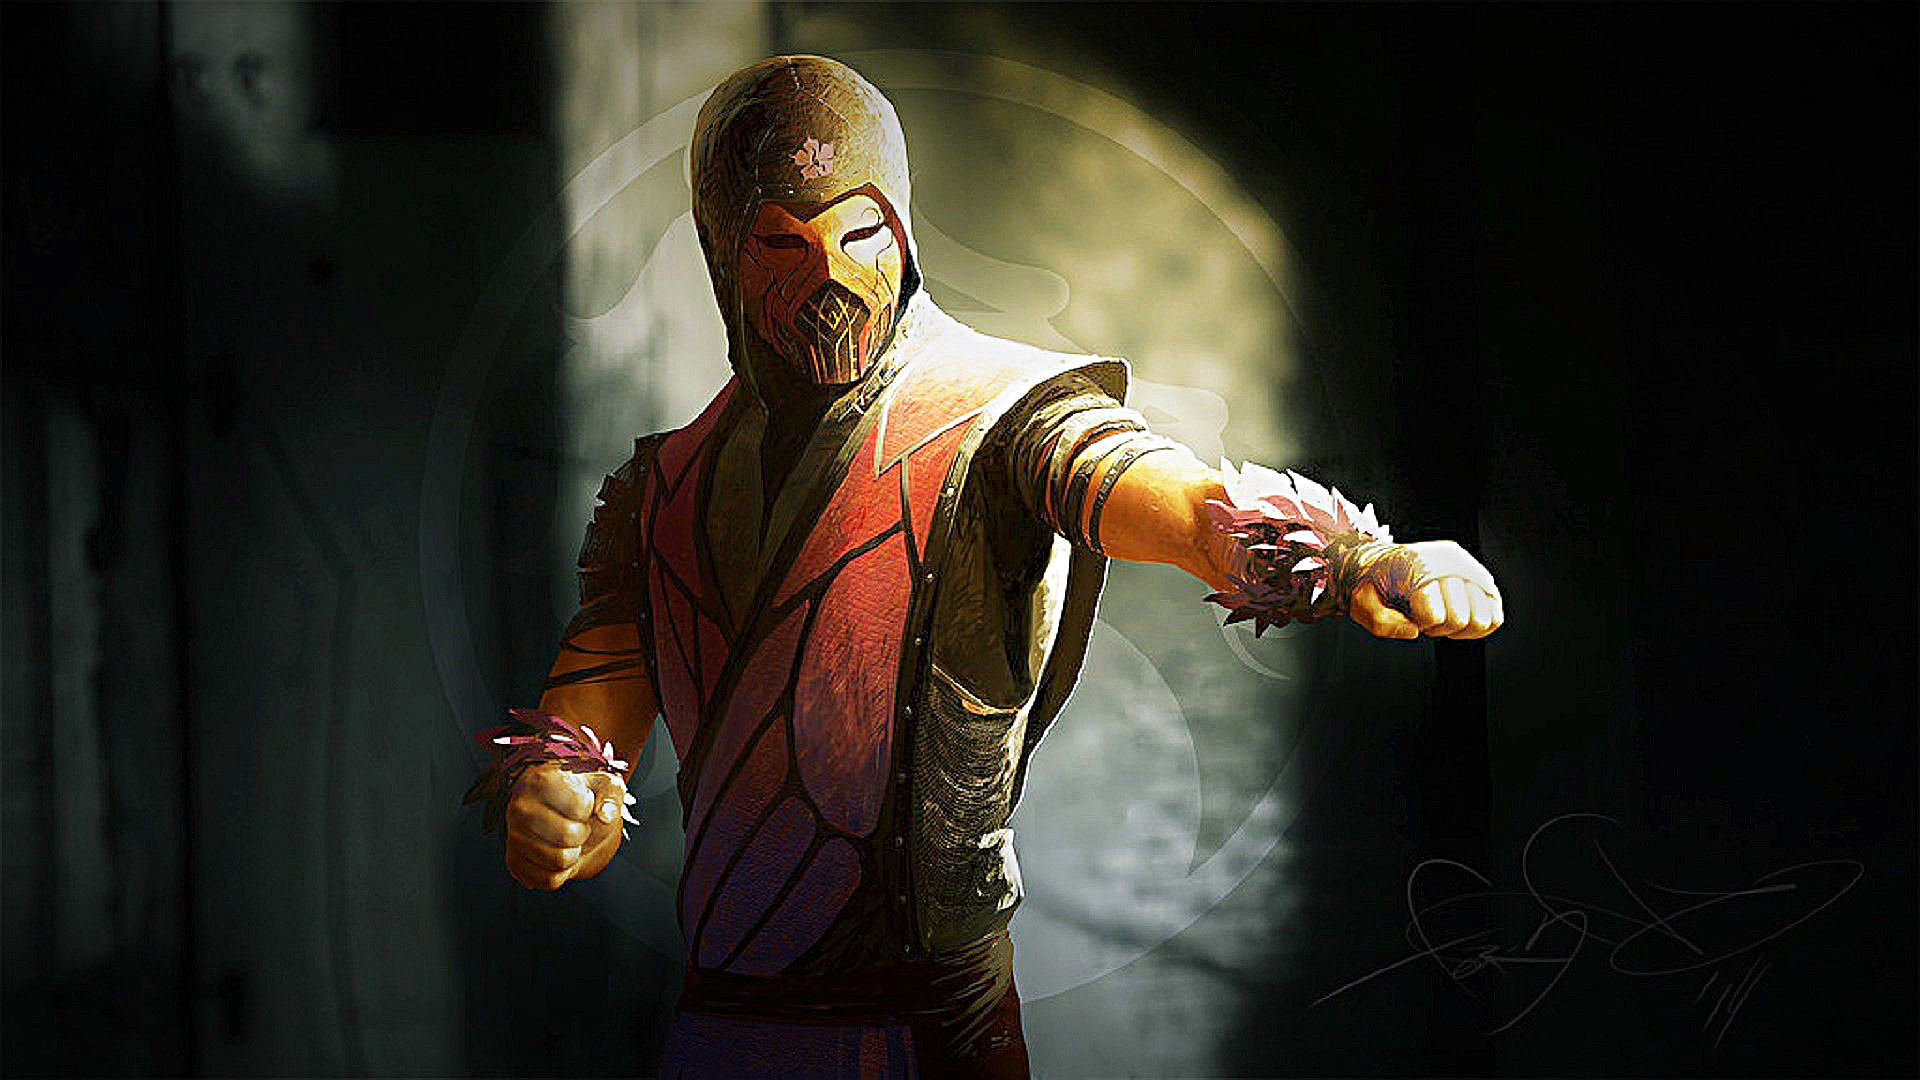 Phlox (Mortal Kombat)   Fan GMA Created Characters Wiki   FANDOM